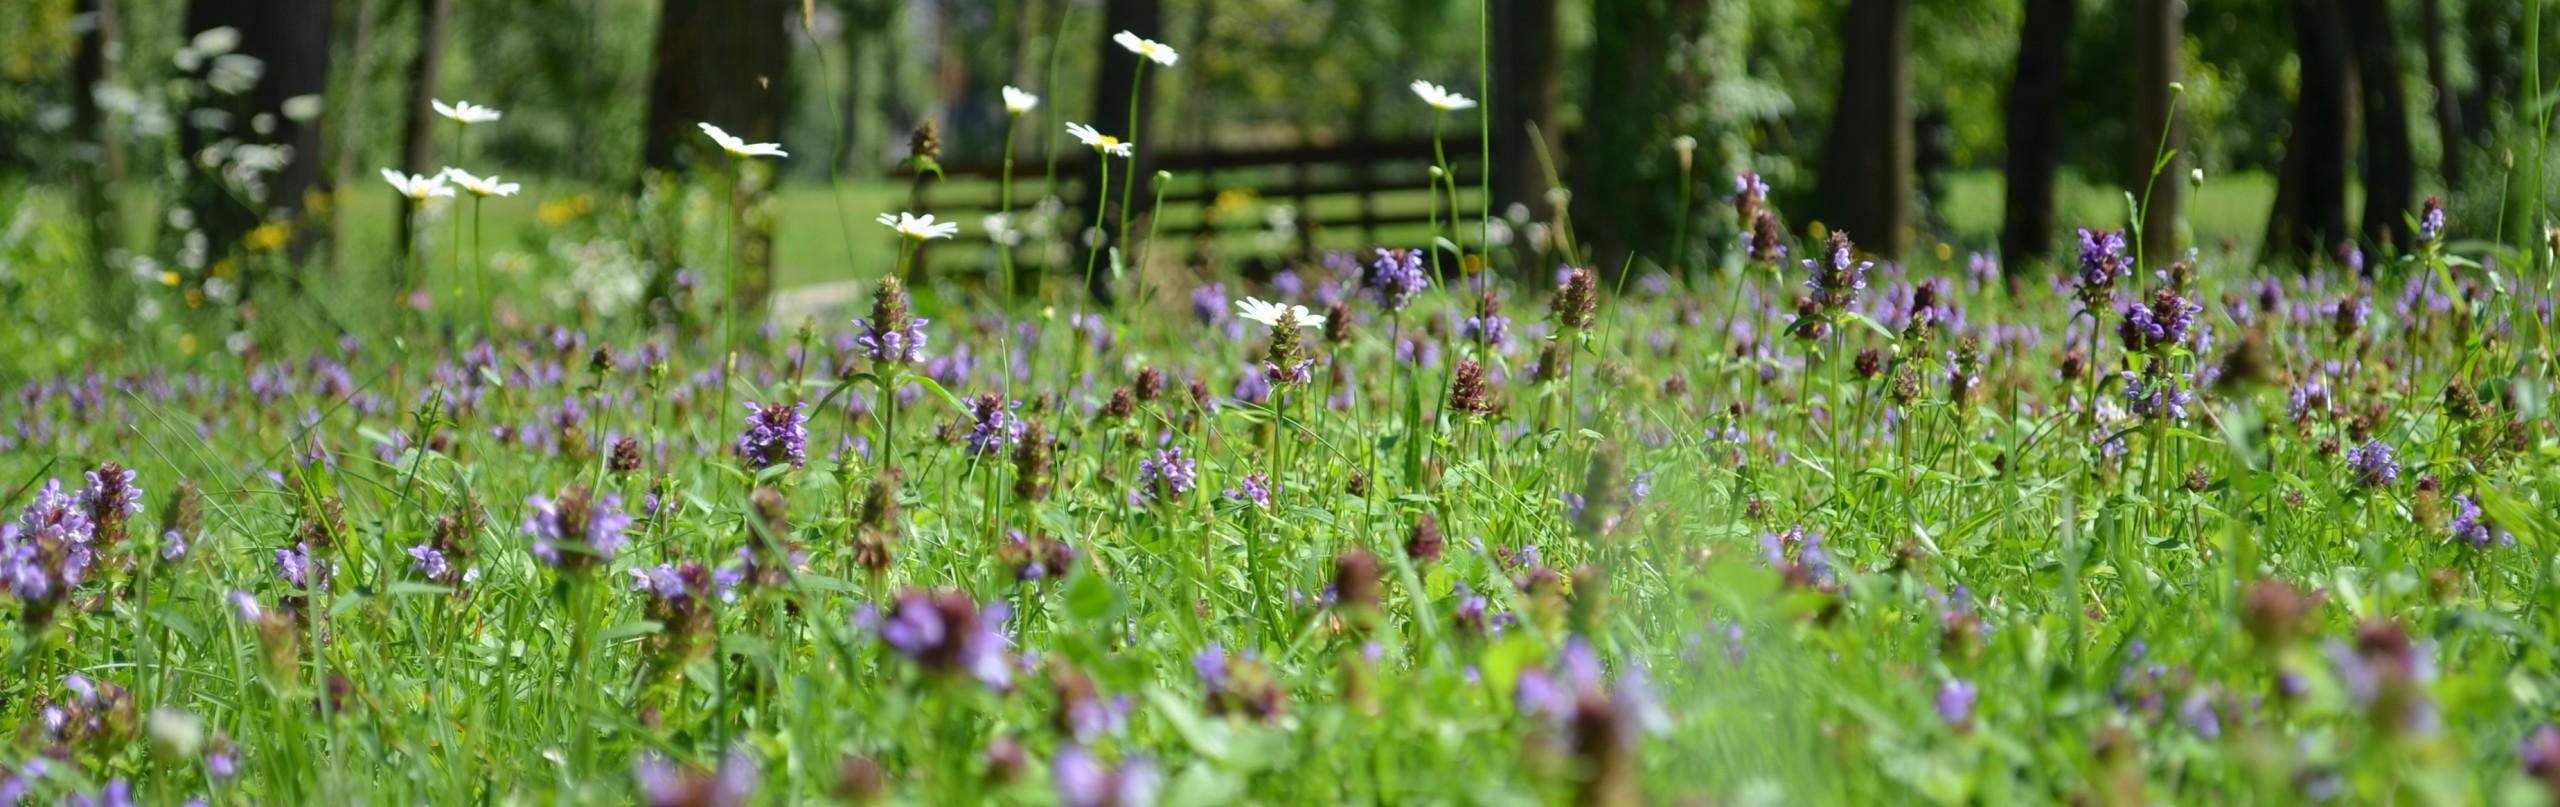 cropped-01-08-14-lago-di-cavazzo-mondo-in-miniatura1.jpg